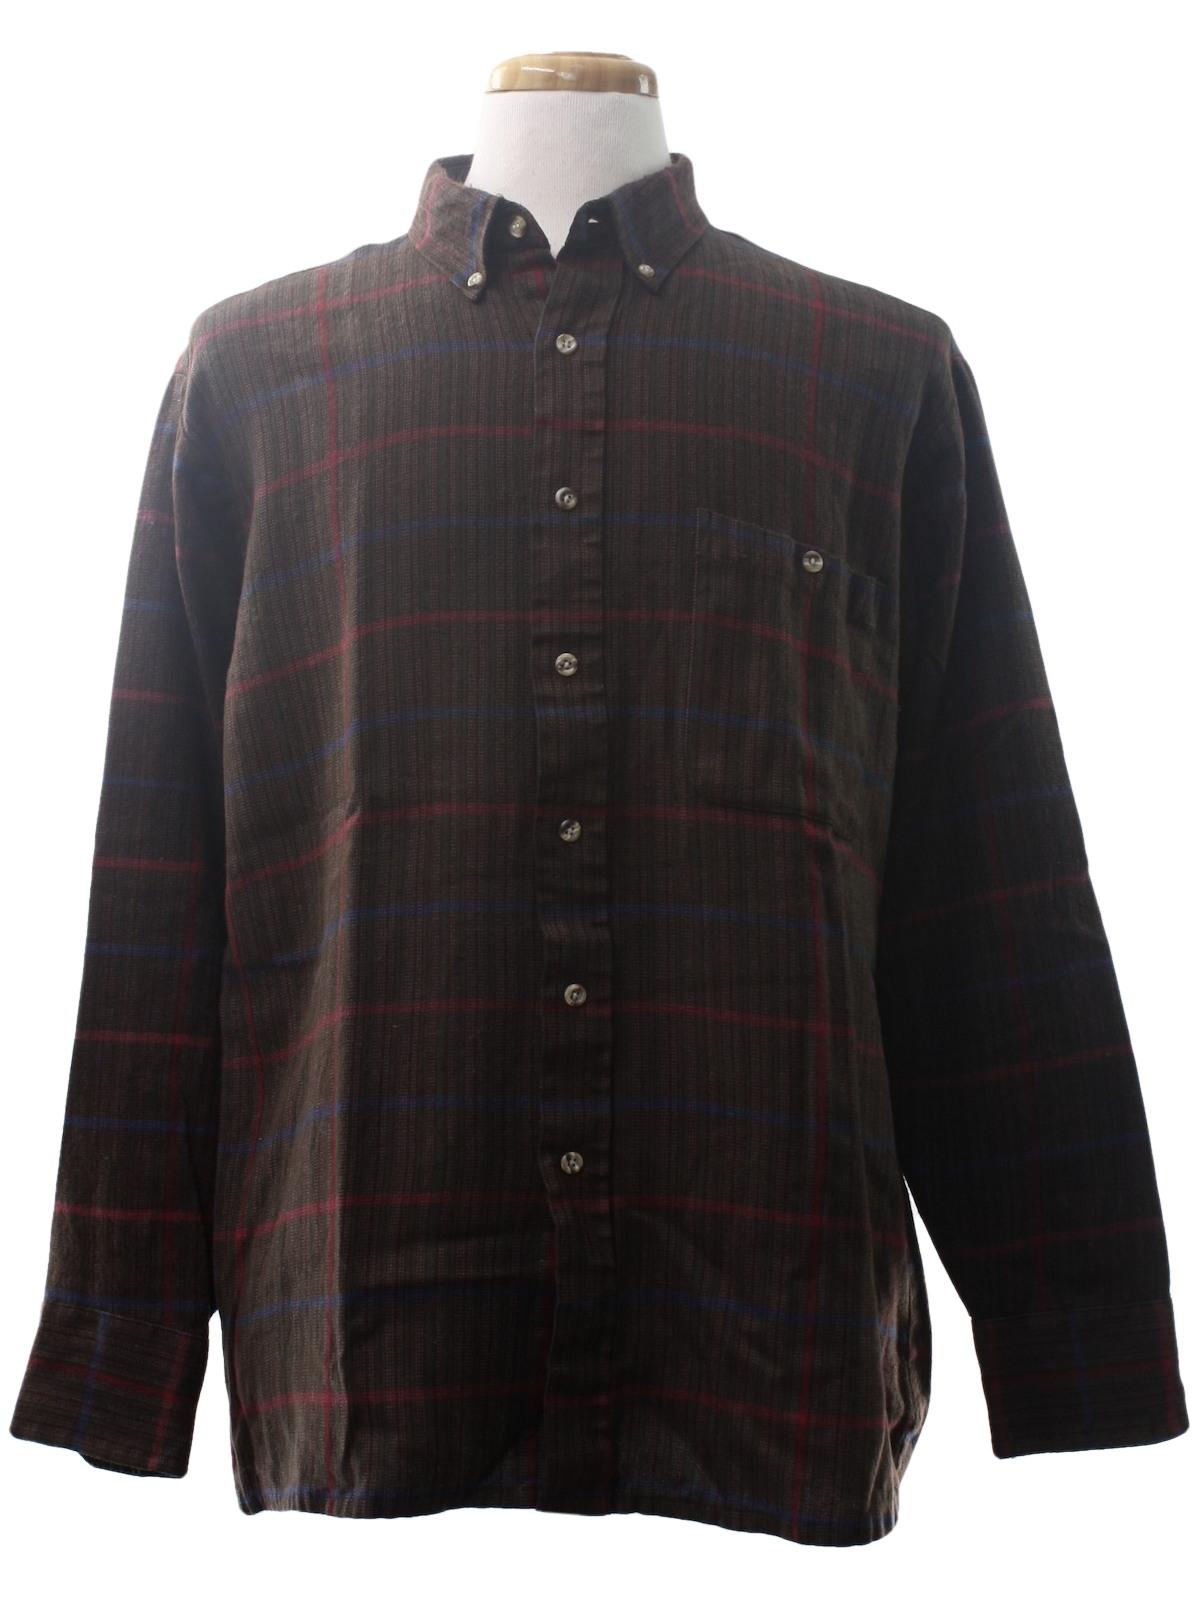 Vintage van heusen 1980s shirt 80s van heusen mens dark for Van heusen plaid shirts